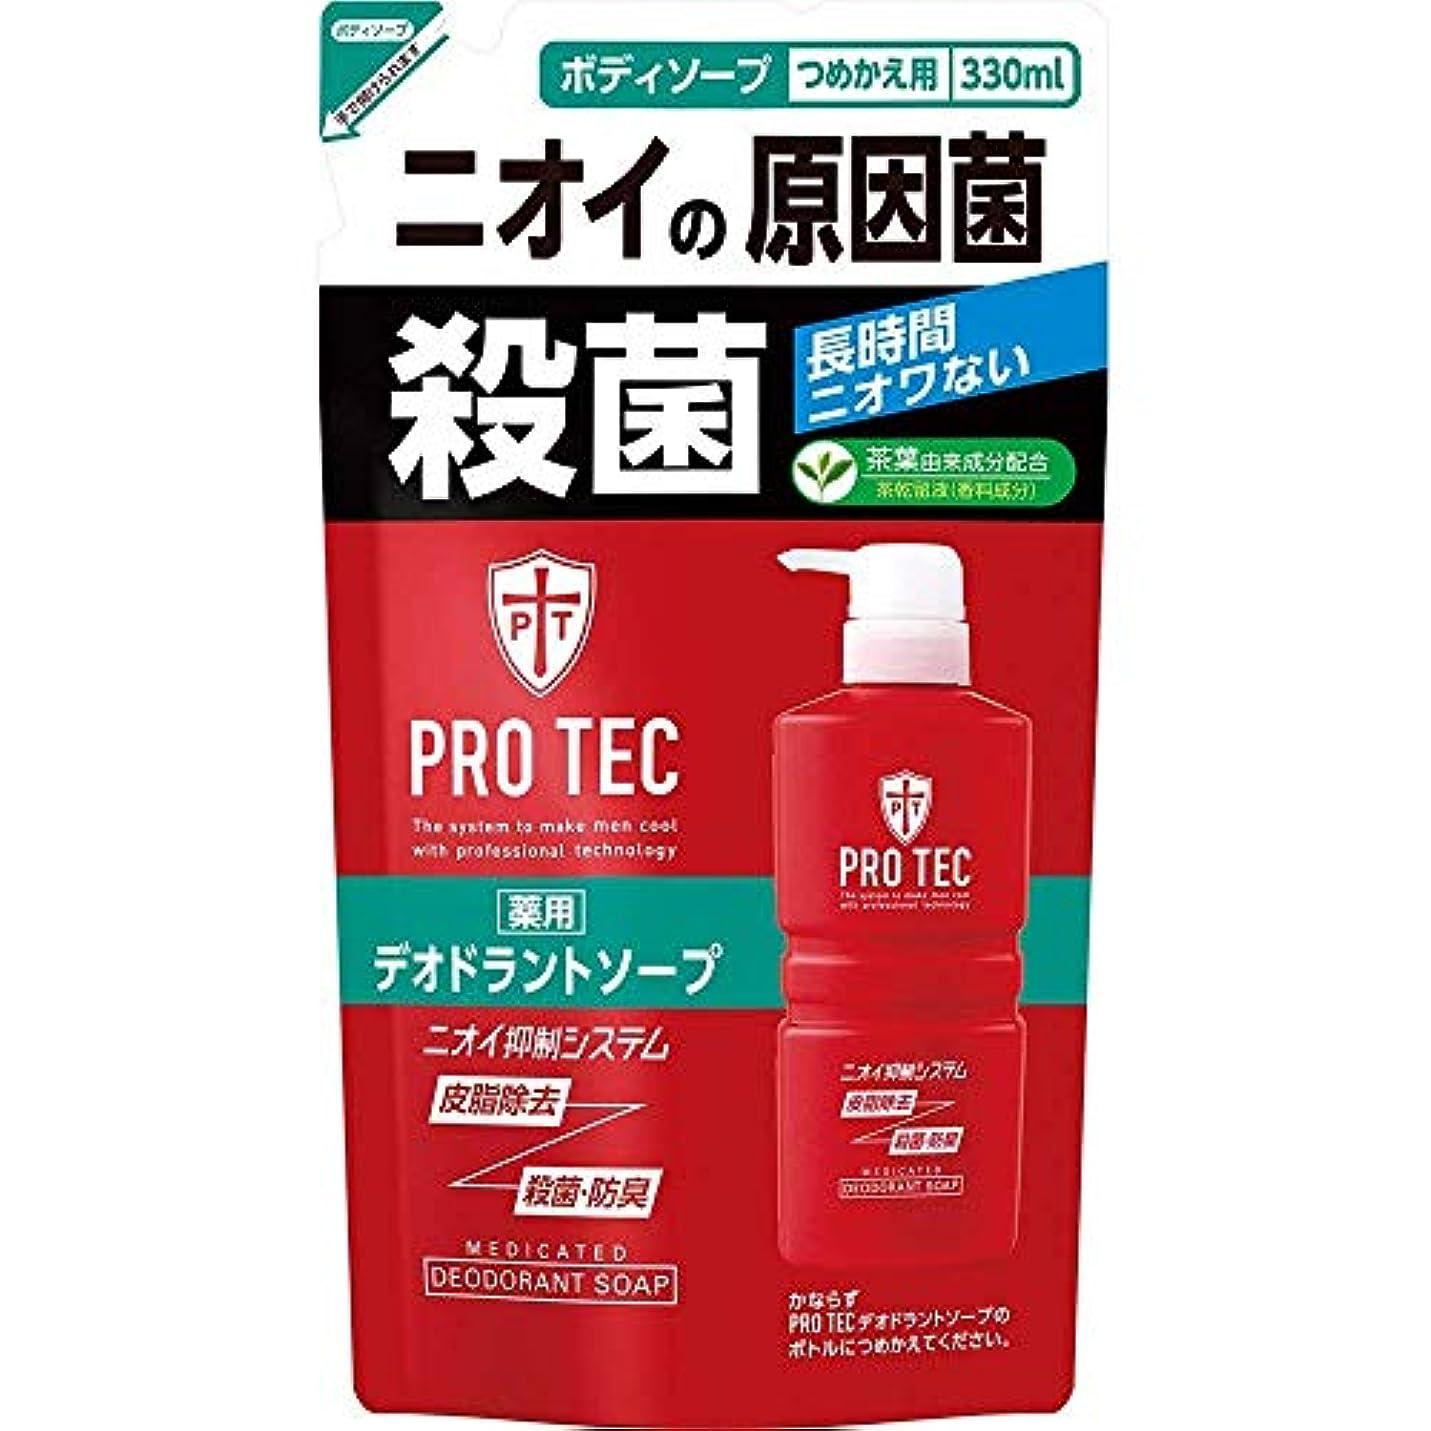 ガム増加するアニメーションPRO TEC デオドラントソープ つめかえ用 330ml ×2セット